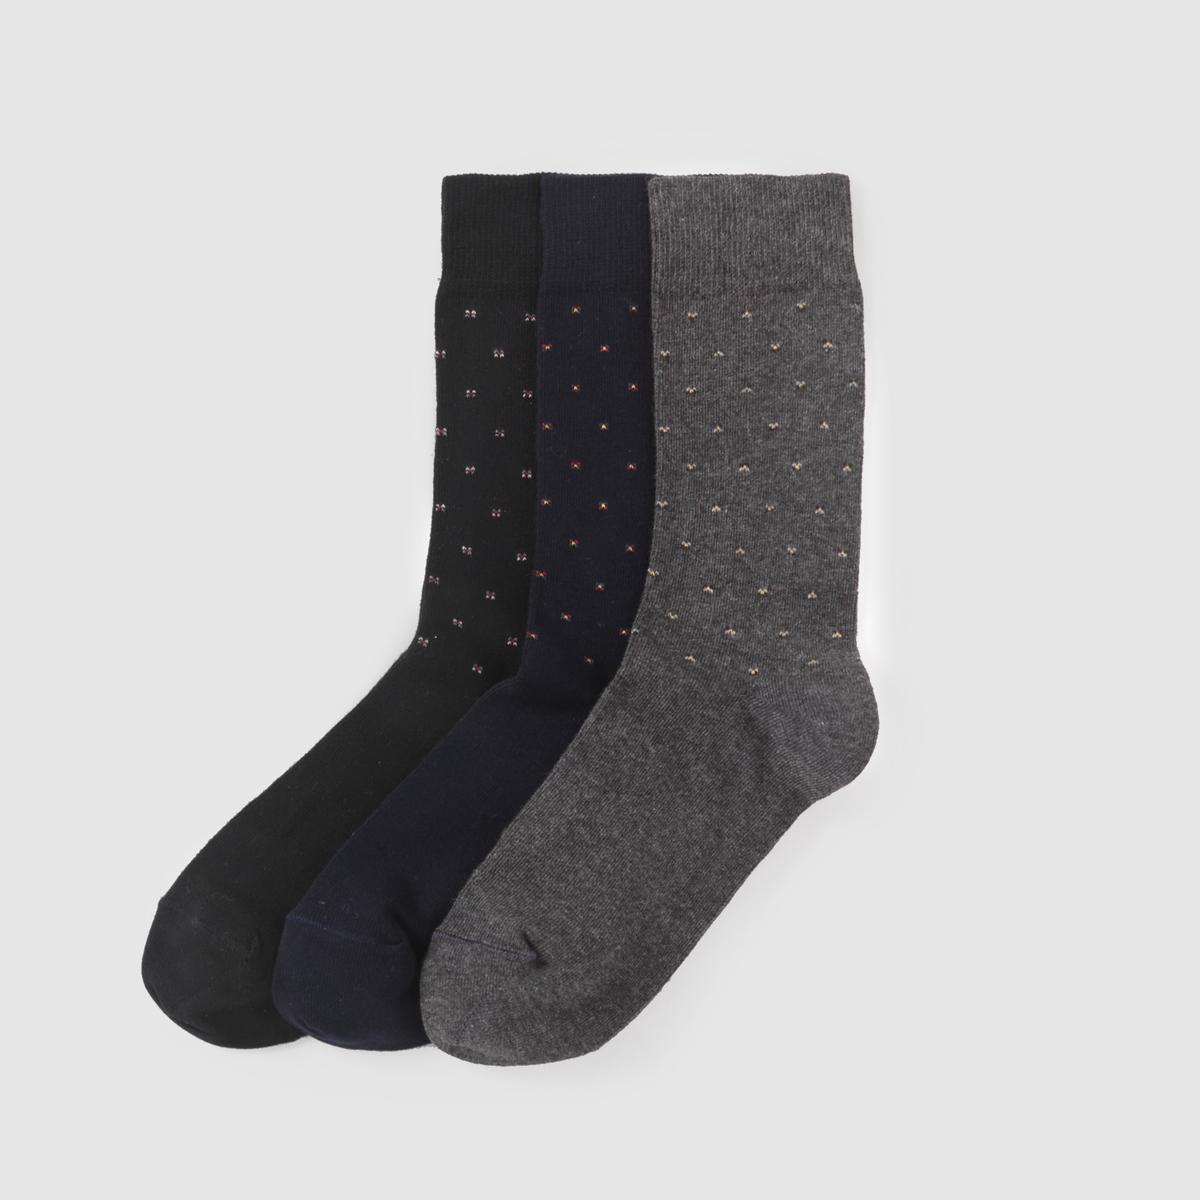 Комплект из 3 пар носков комплект из 3 пар носков 100% шотландское волокно